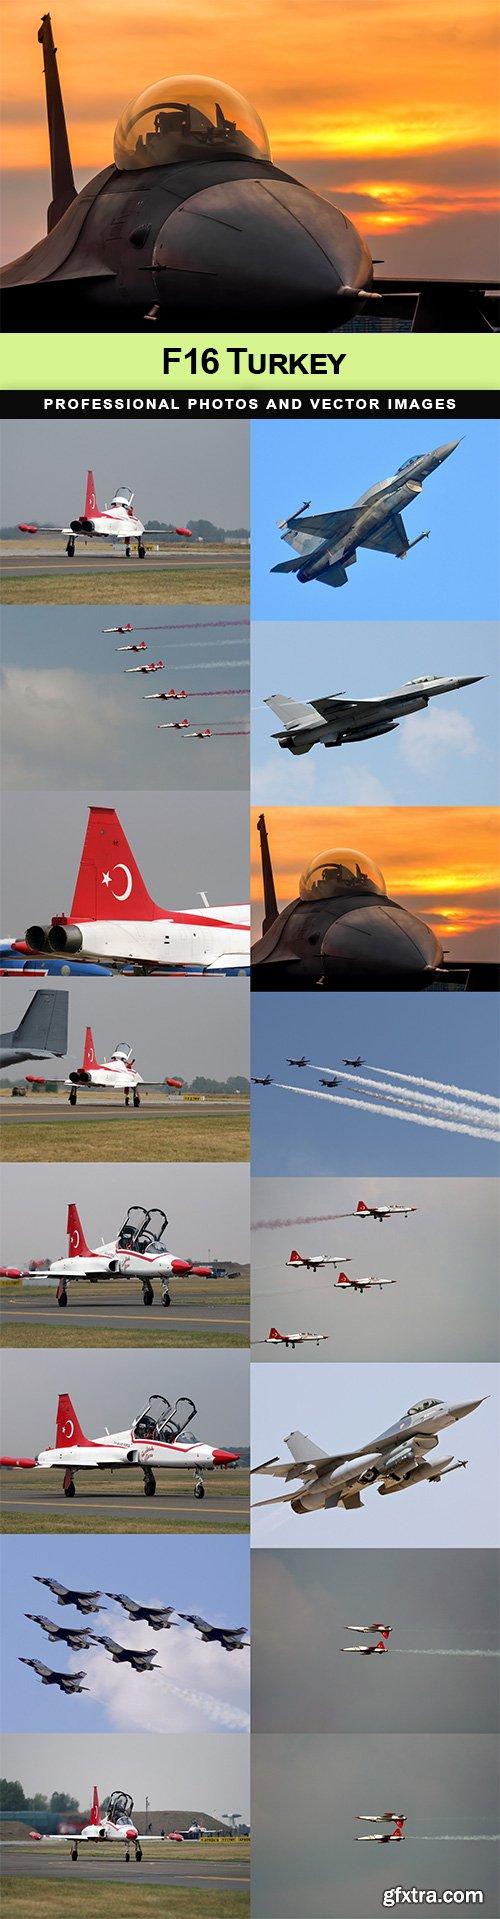 F16 Turkey